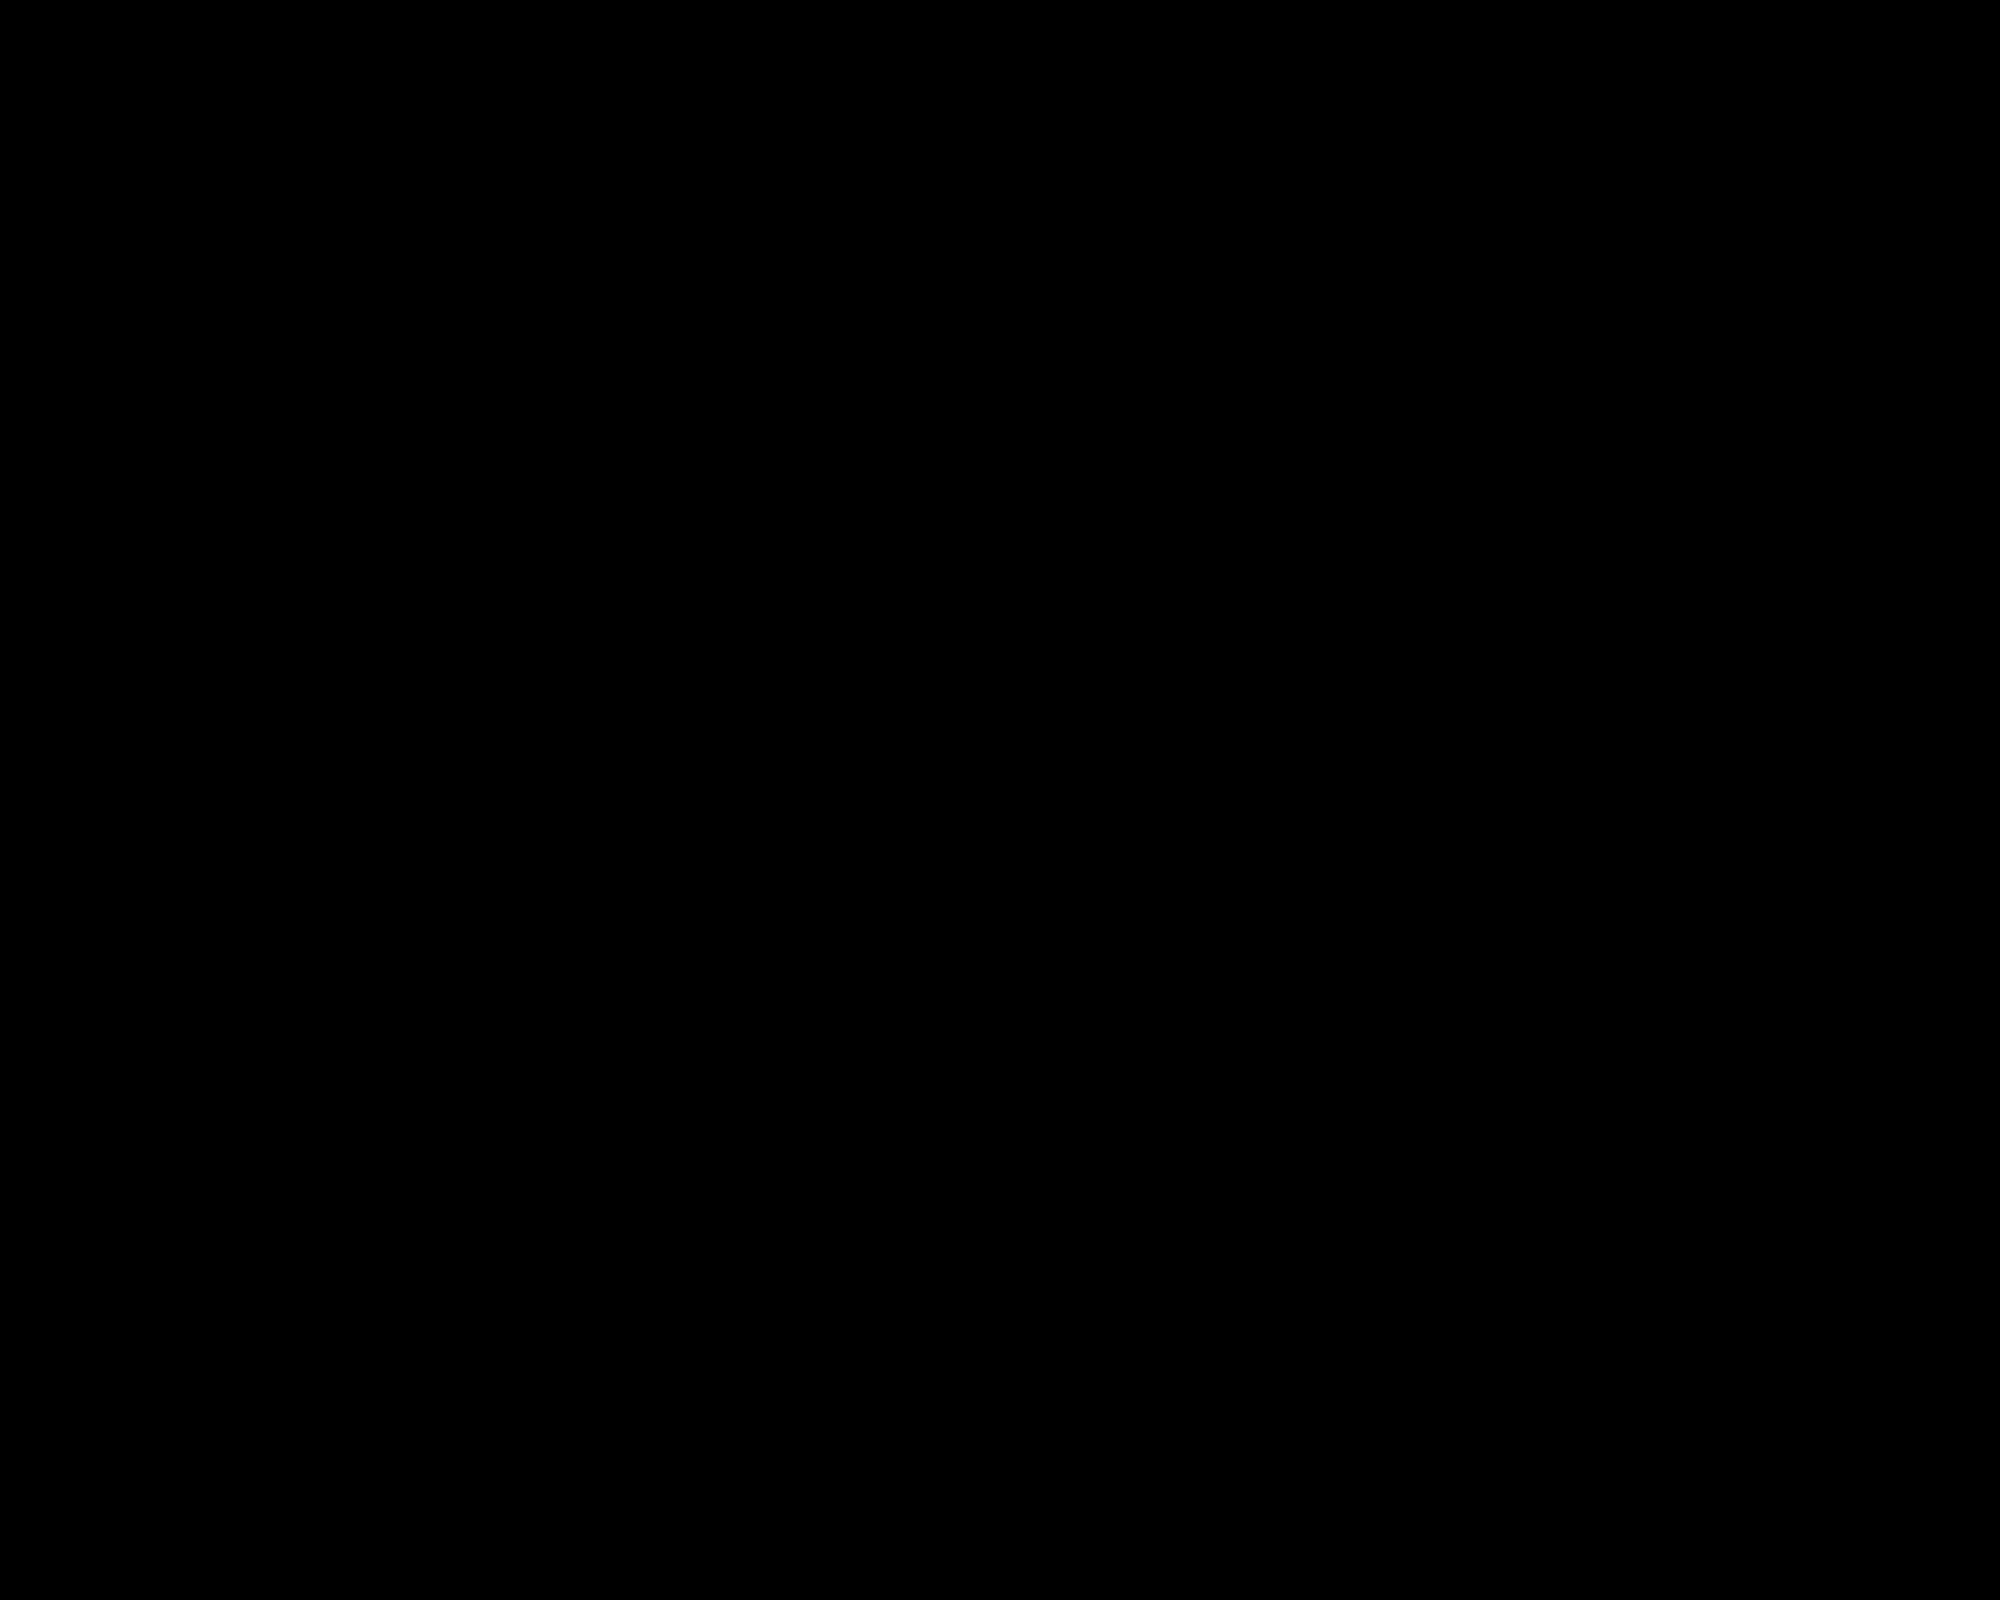 Автобусный тур в г. Когалым с посещением Океанариума «АКВАТИКА»  и филиала МАЛОГО ТЕАТРА!!! Даты тура: 21-22 ФЕВРАЛЯ 2021 года!